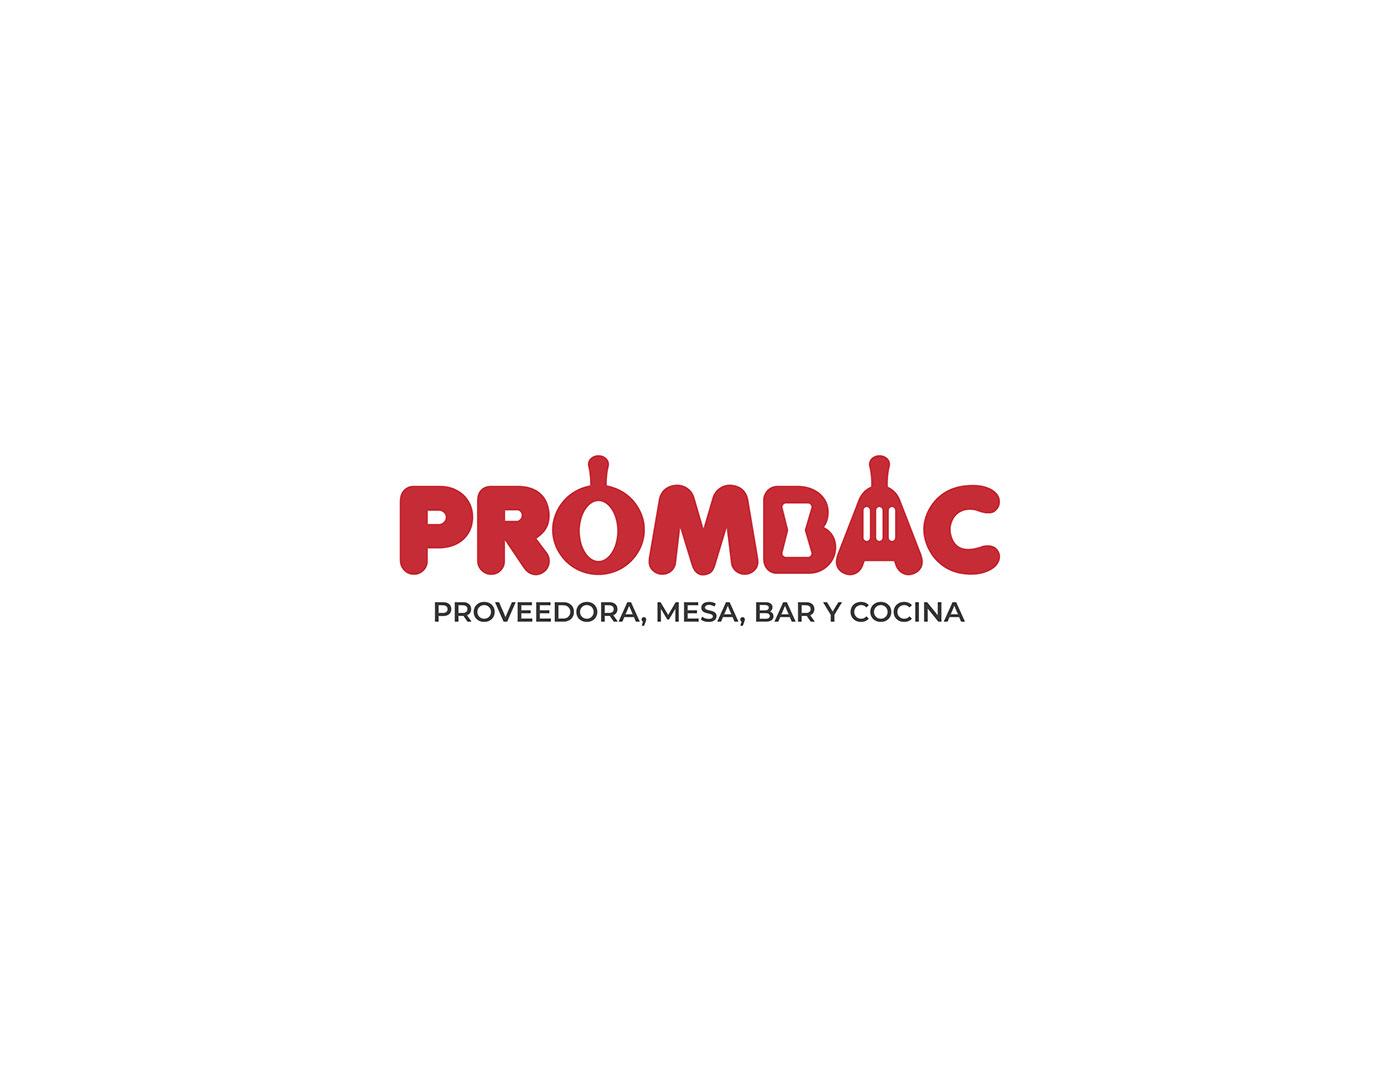 brand branding  logo Logotipo publicidad